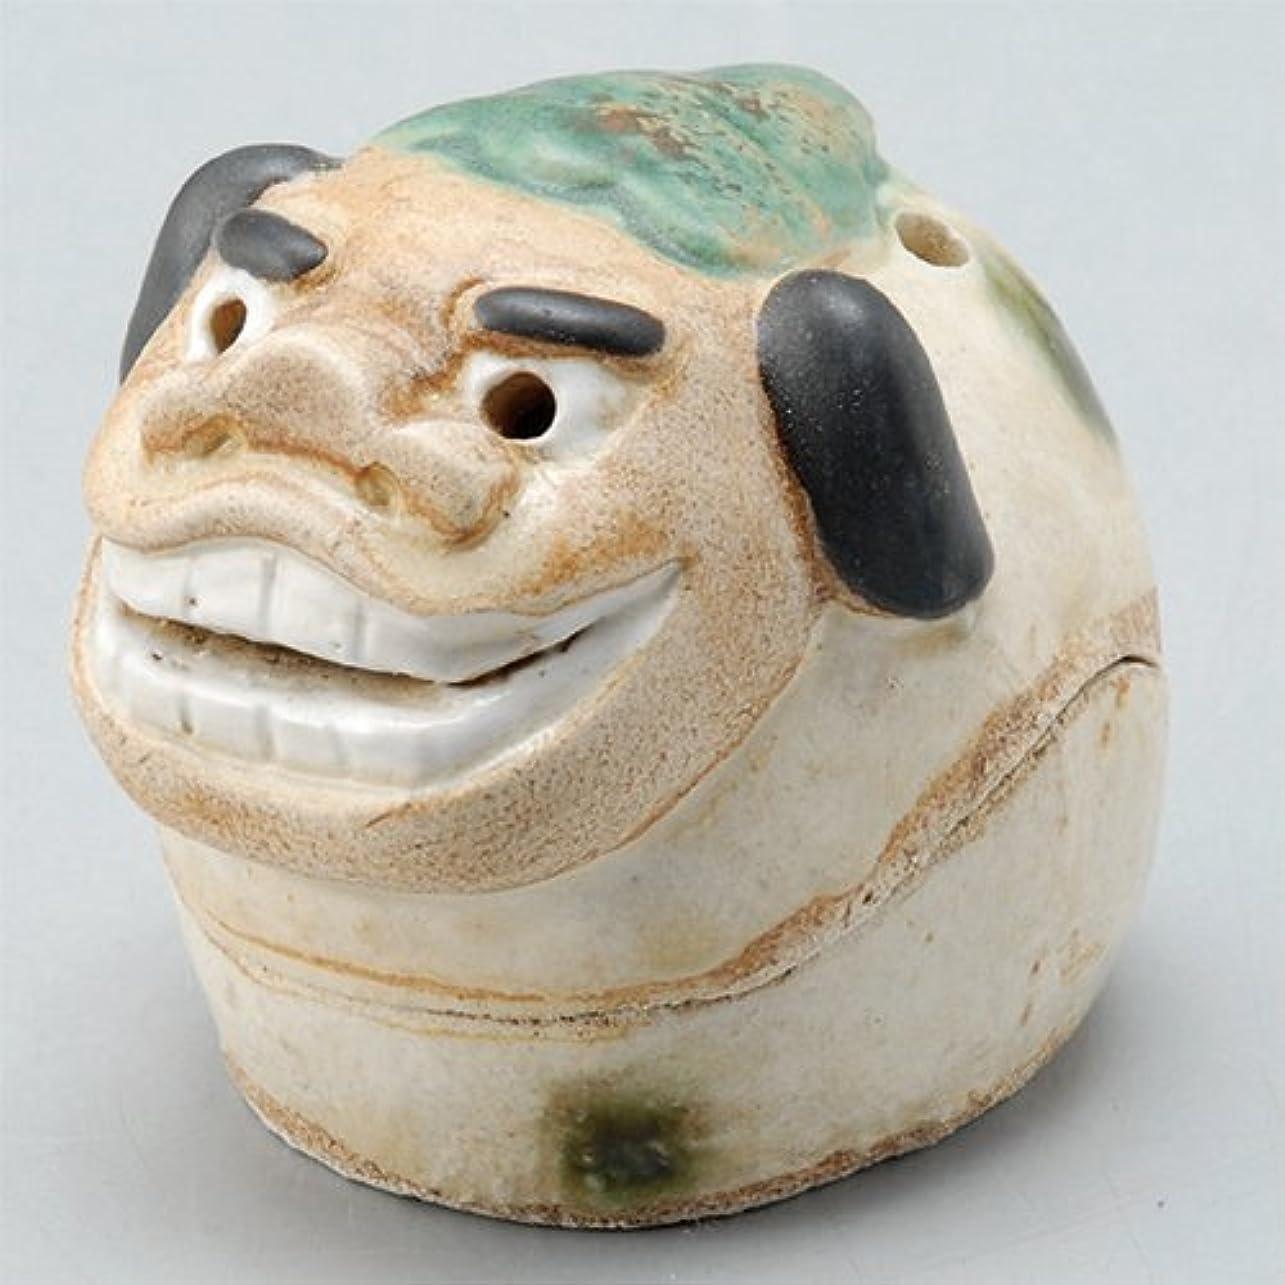 複製大理石可動式香炉 飾り香炉(獅子頭) [H5.5cm] HANDMADE プレゼント ギフト 和食器 かわいい インテリア